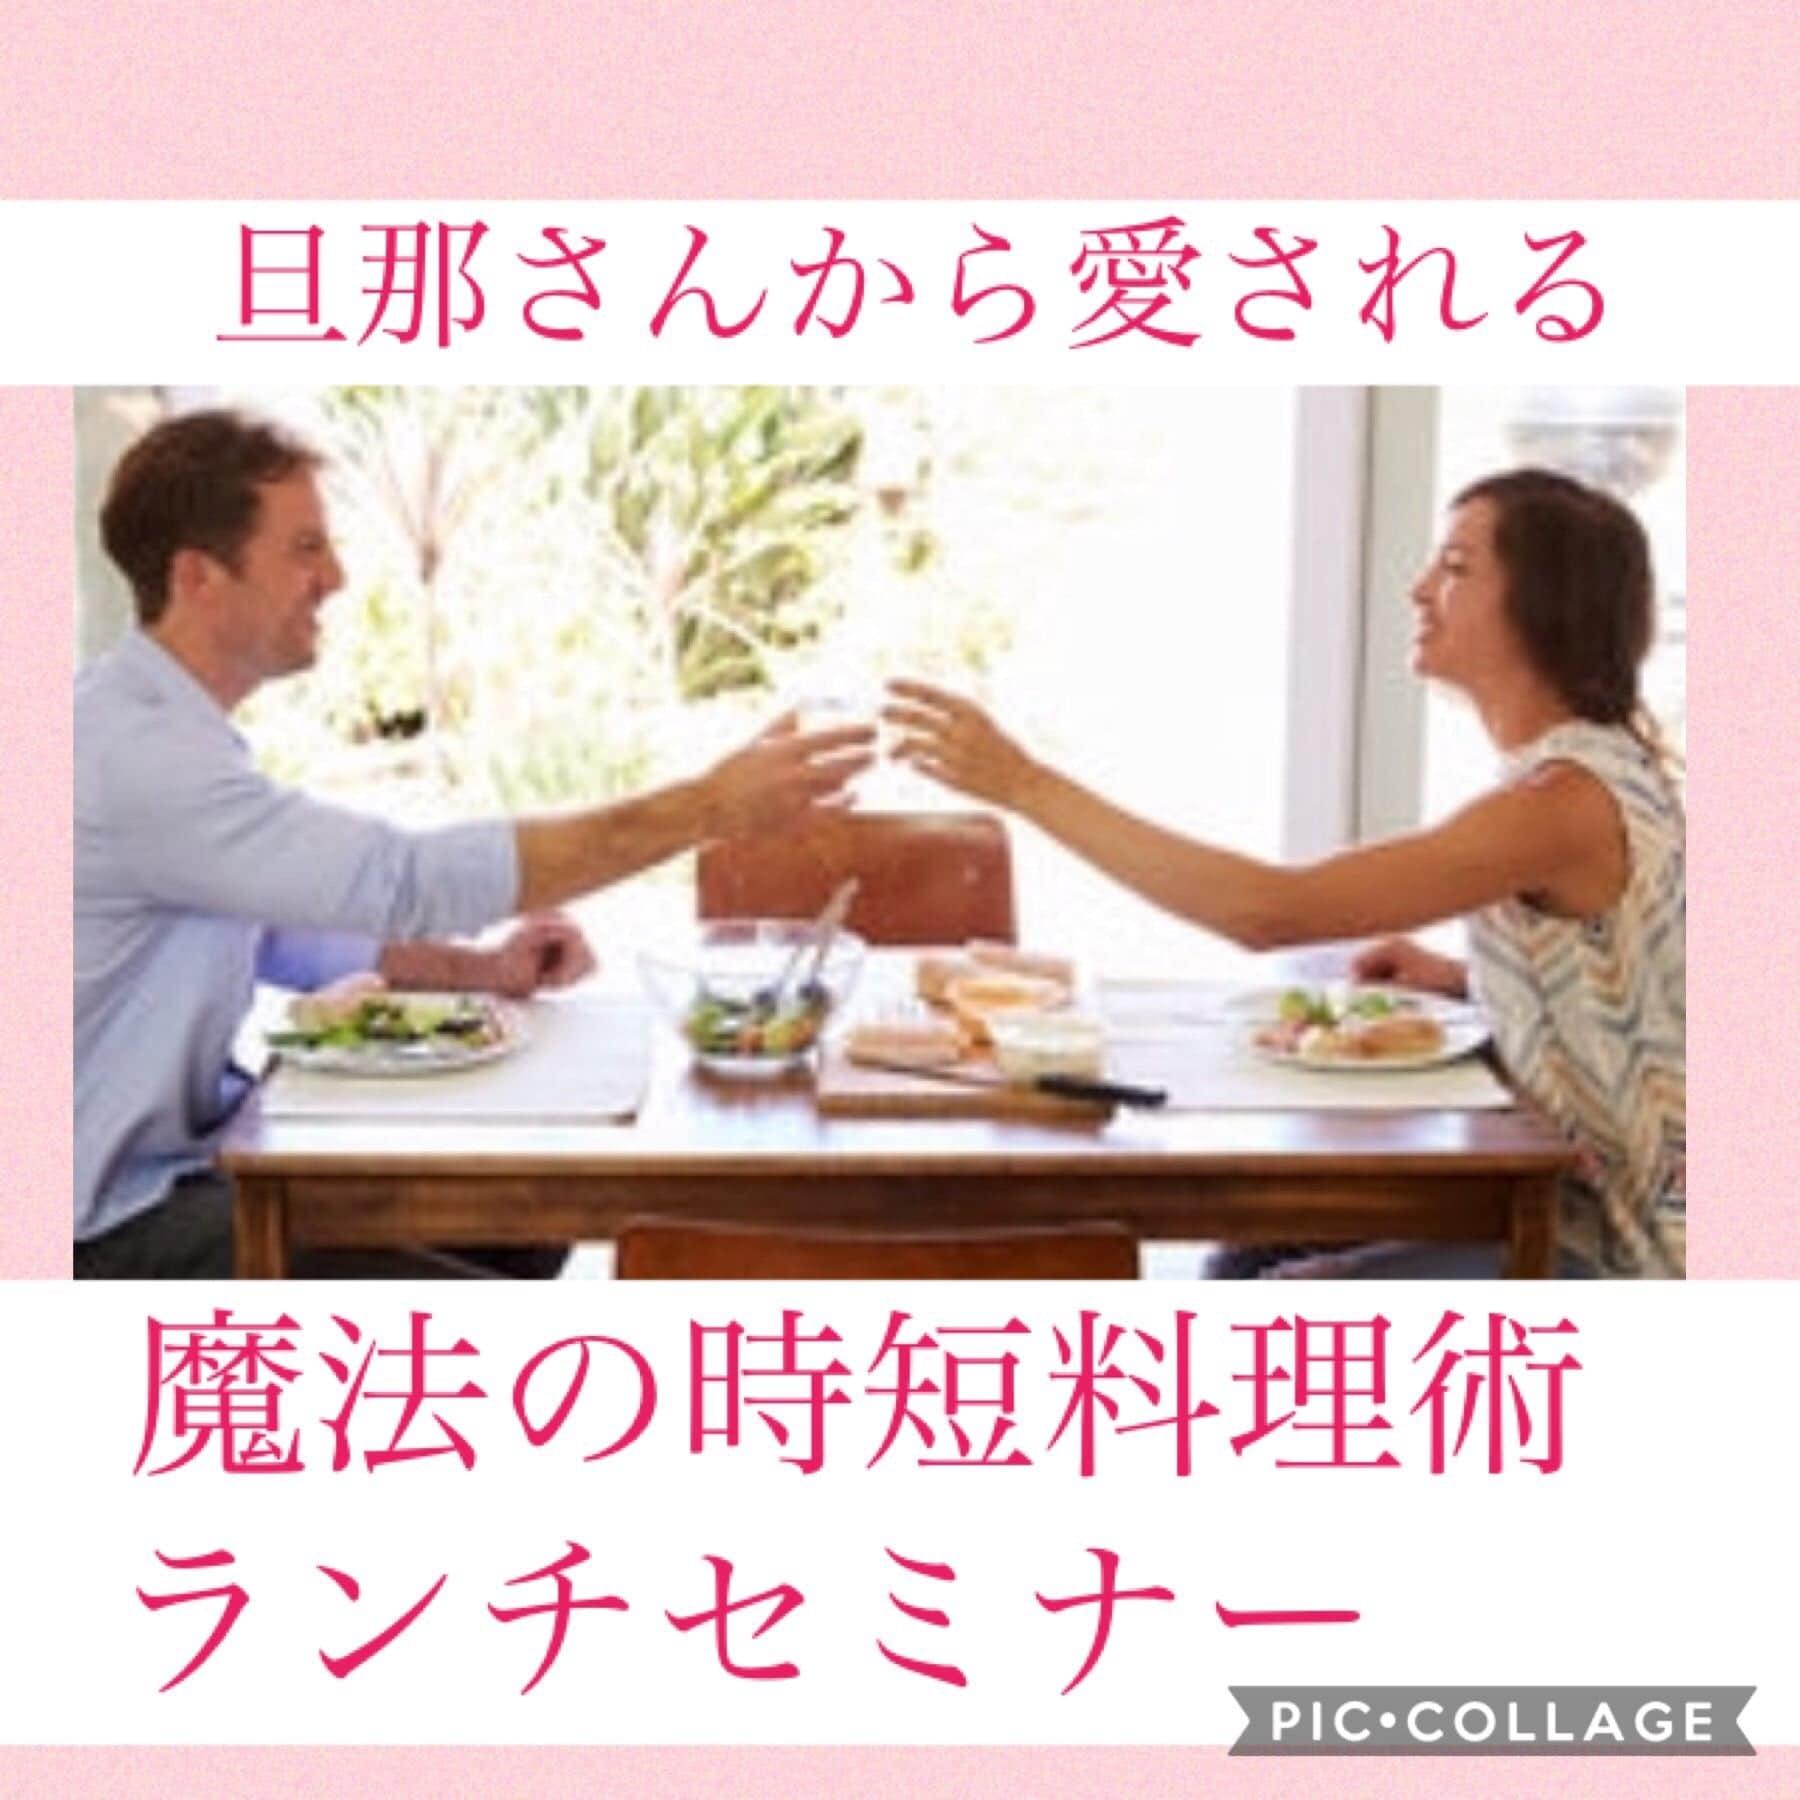 【7/14(土)10時・銀座】40歳からの女性のための、旦那さんから愛され応援される超時短料理術セミナーのイメージその1